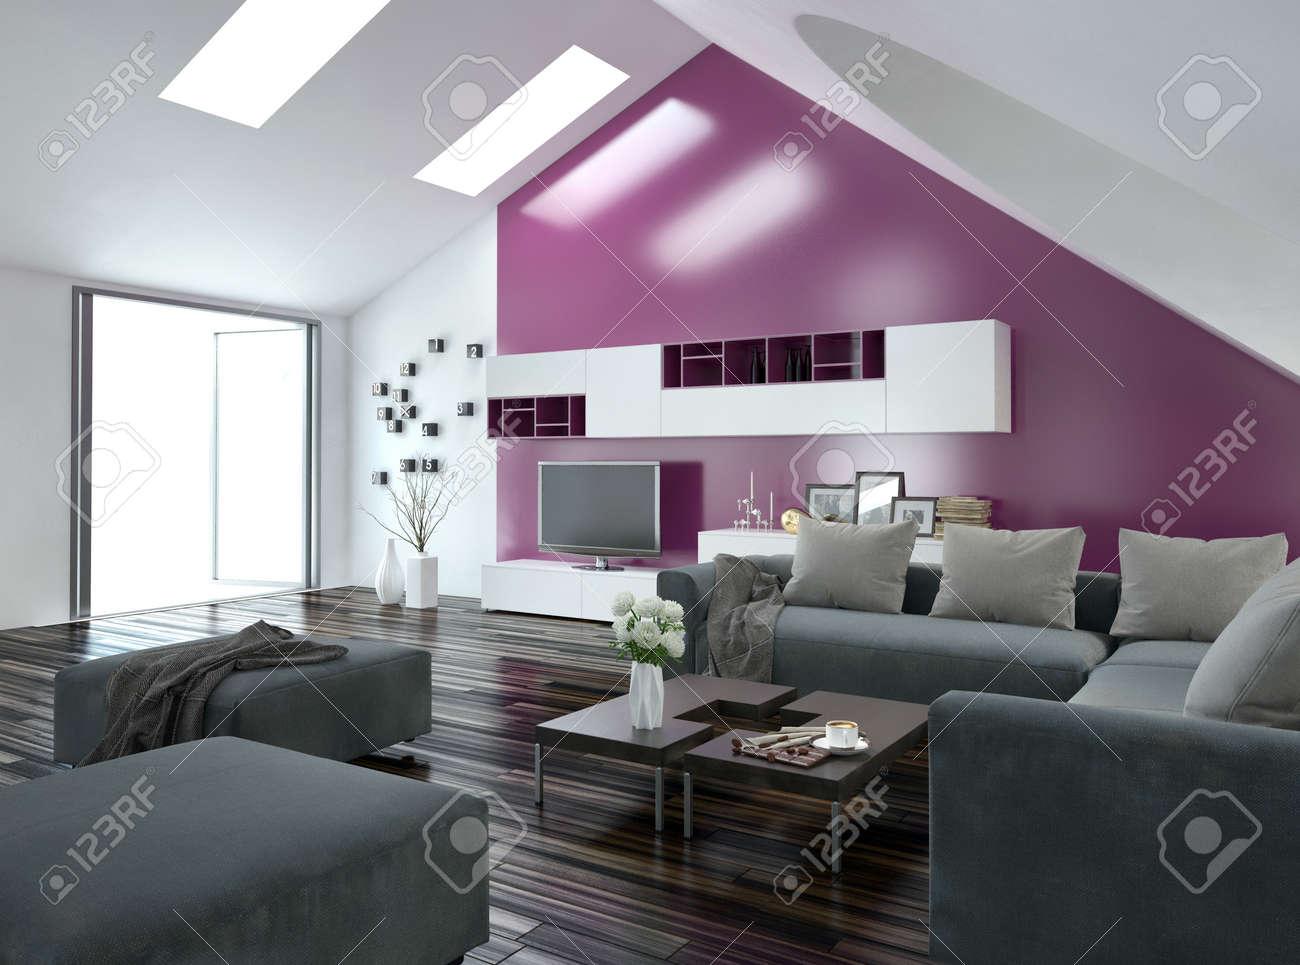 Appartement Moderne Salon Intérieur Avec Un Mur Du0027accent Pourpre Et Plafond  En Pente Avec